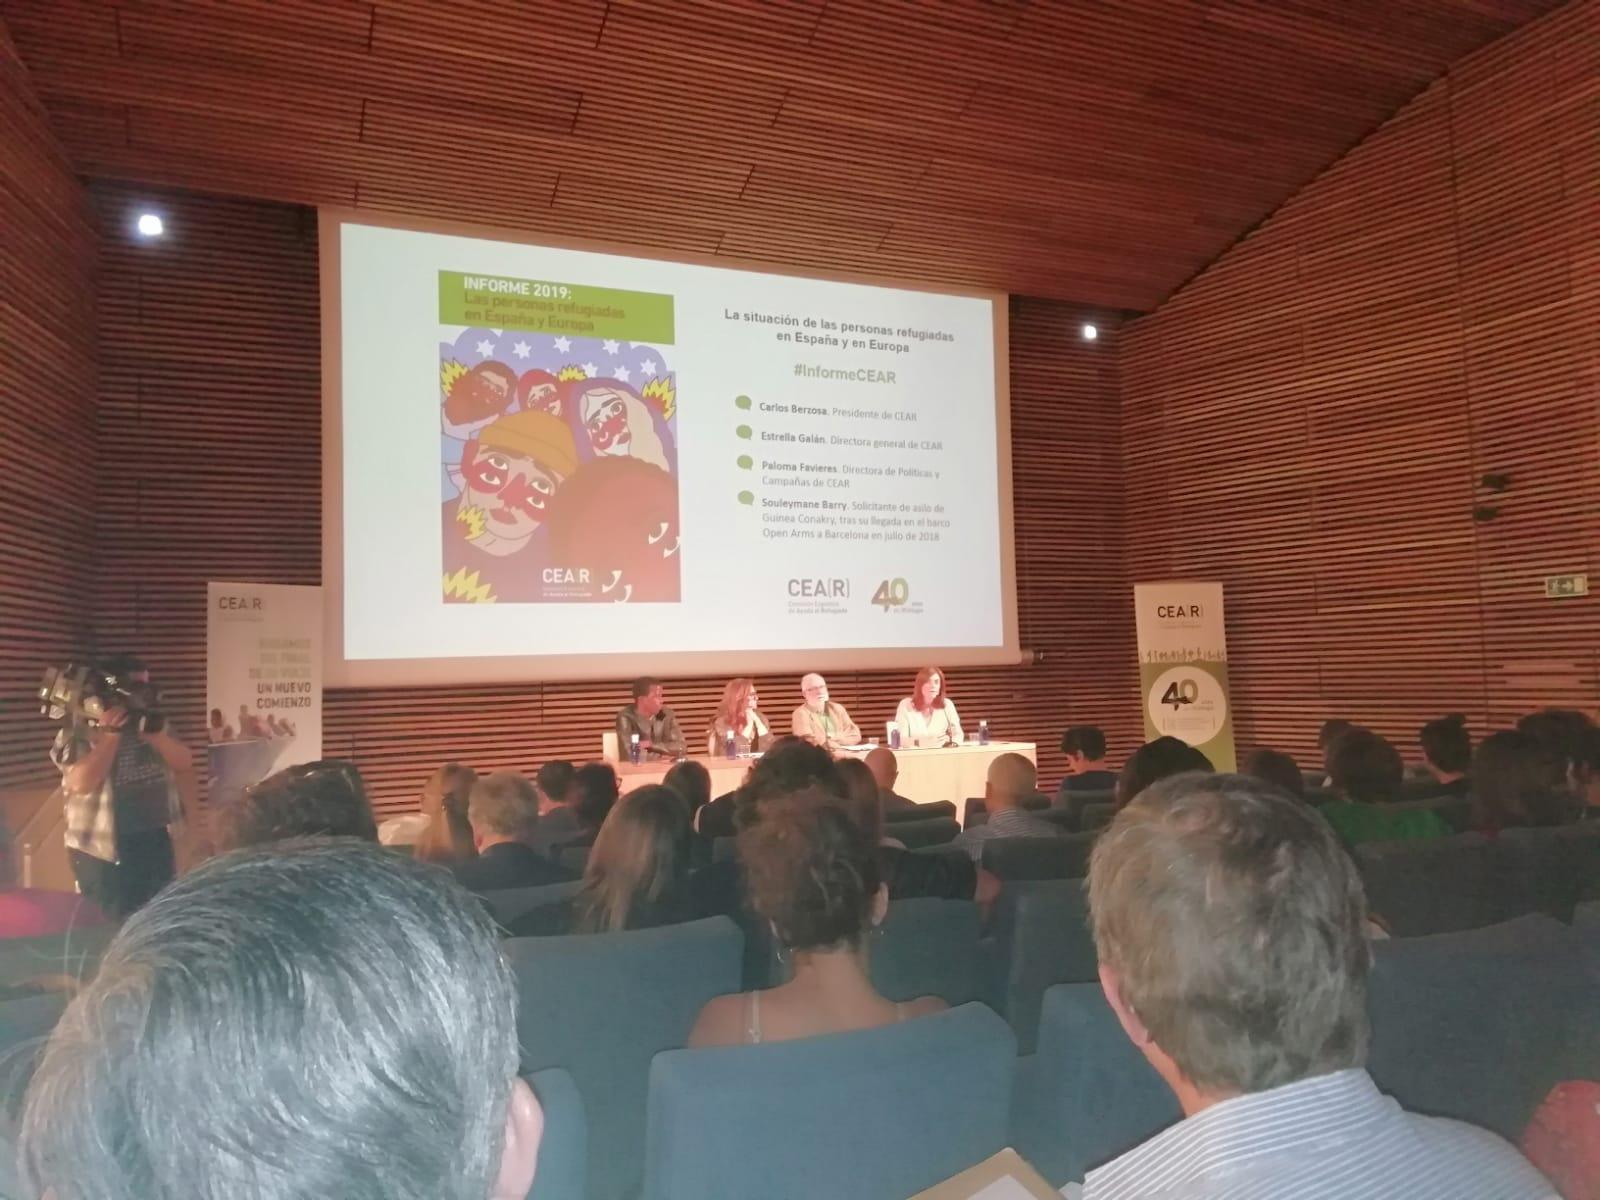 USO-Madrid acude a la presentación del informe anual de CEAR